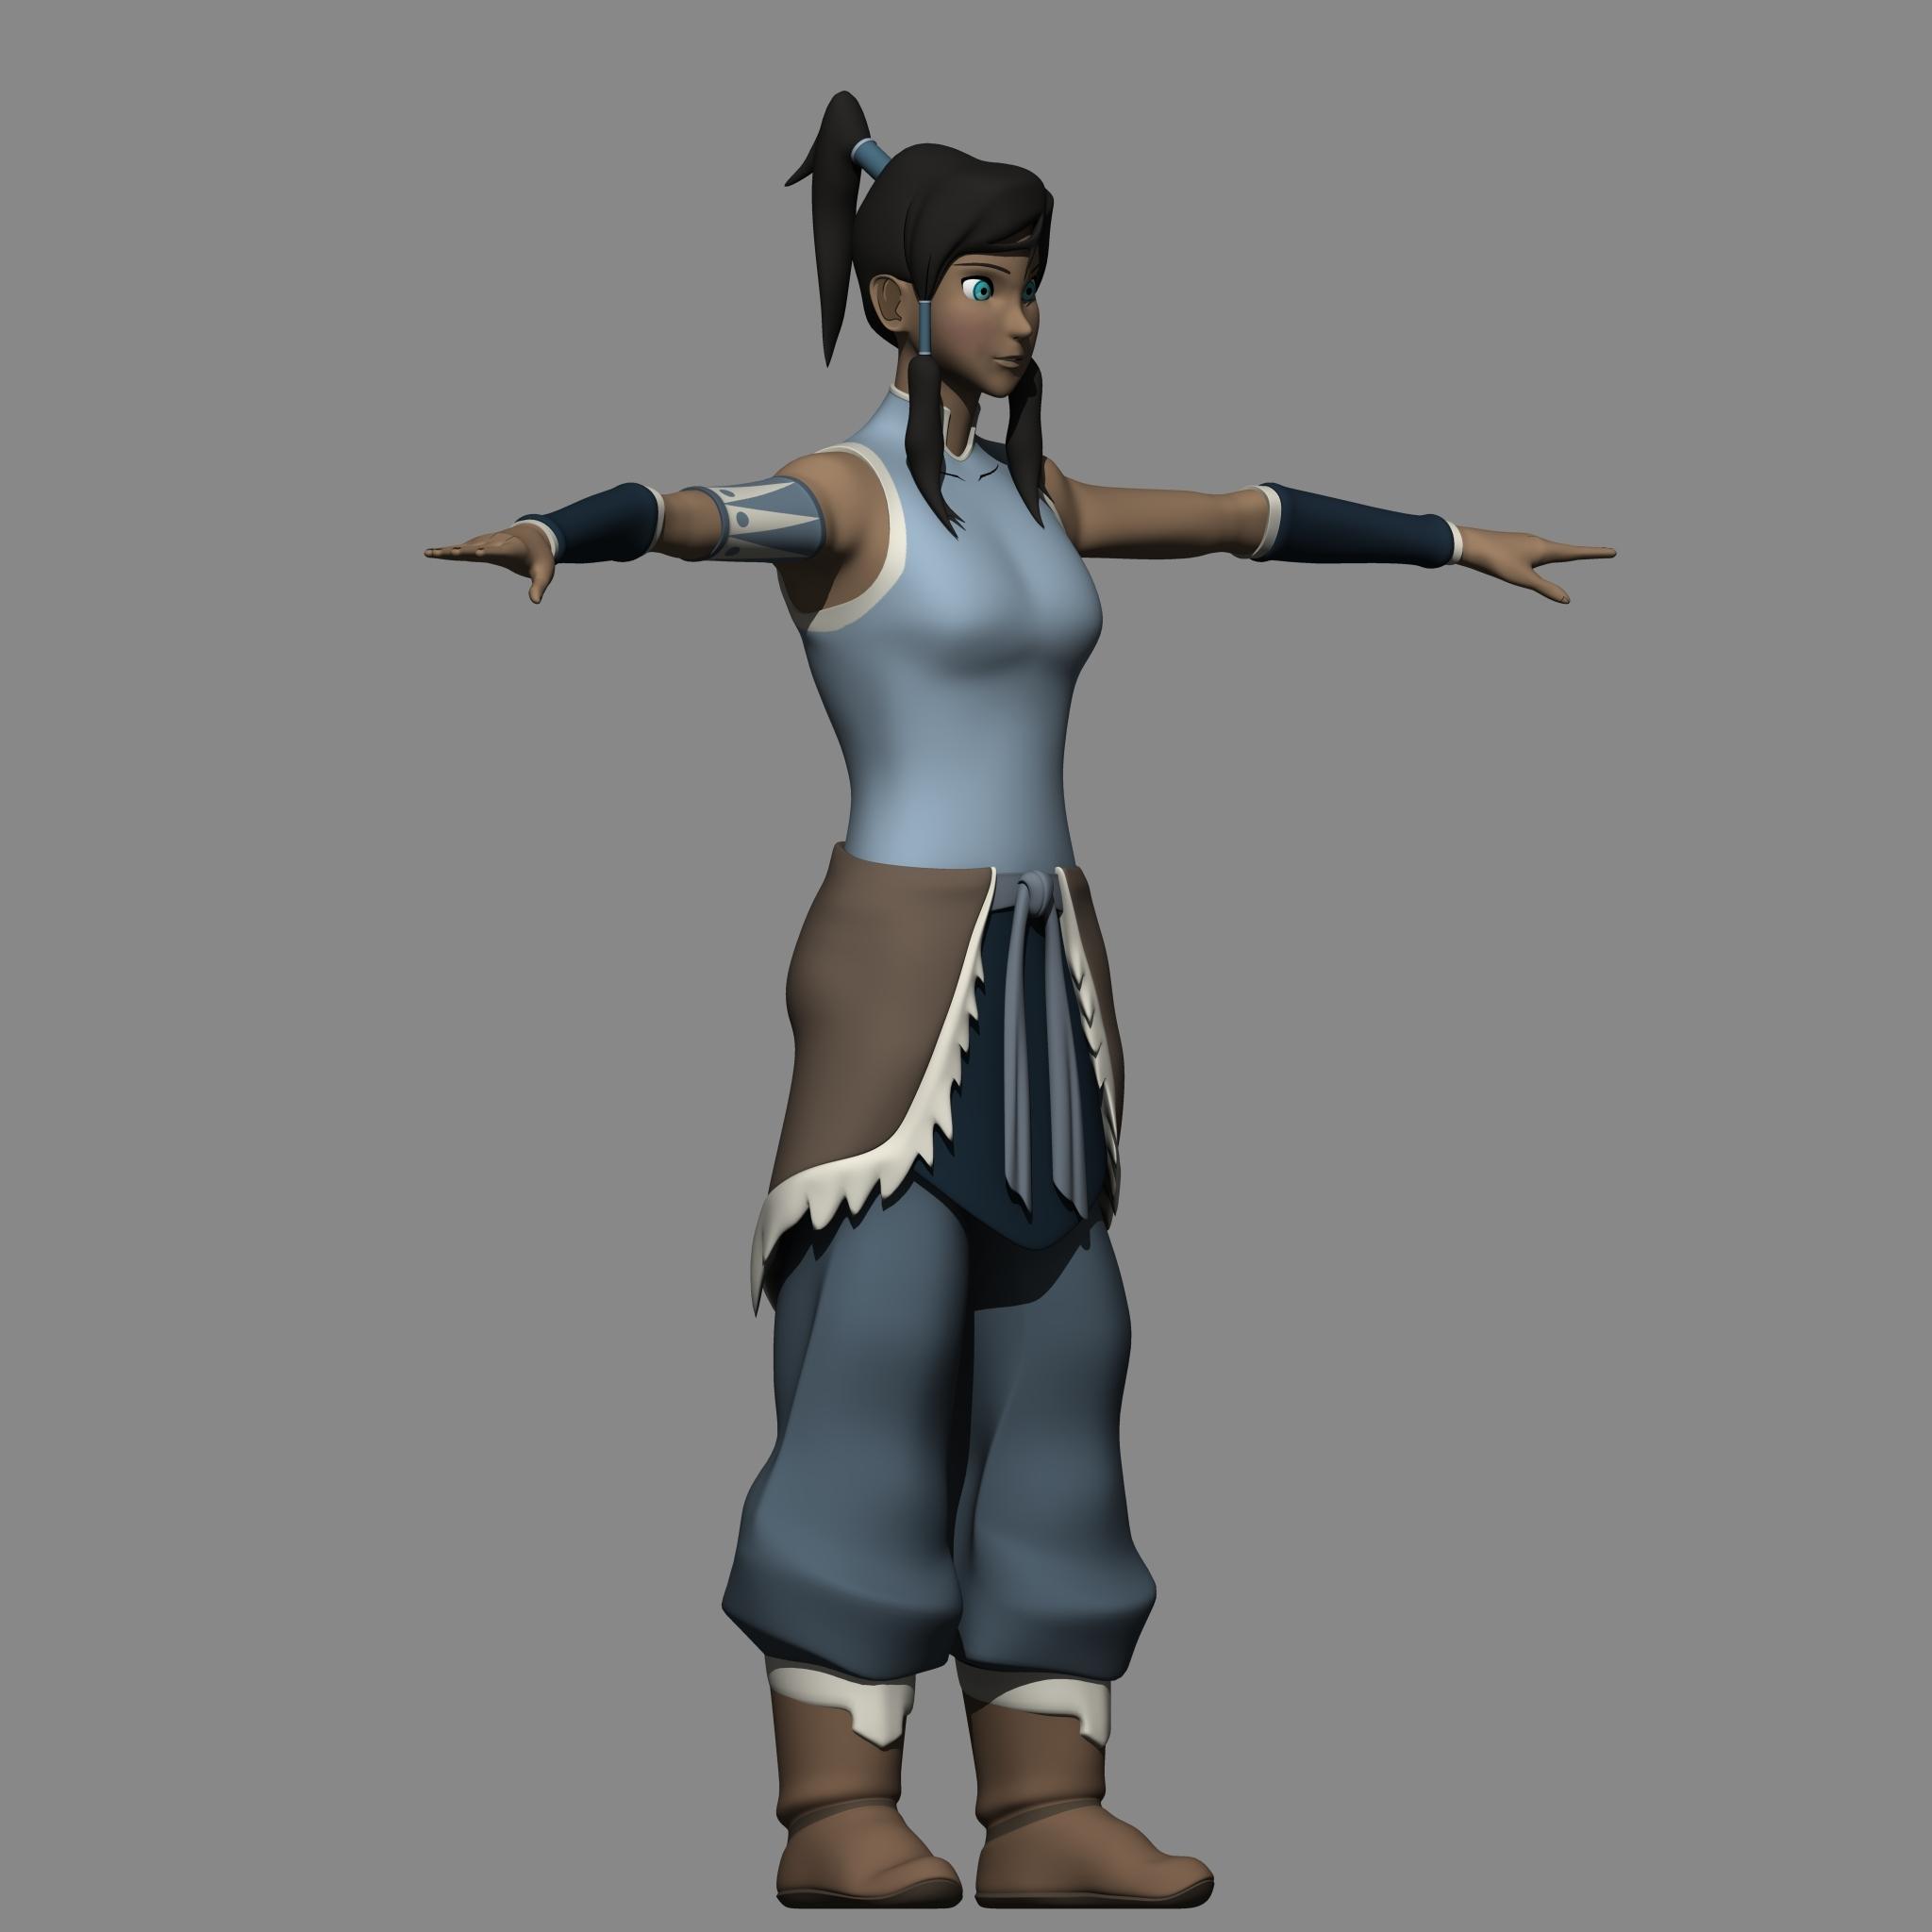 Avatar 2 2014: Avatar Korra 3D Model